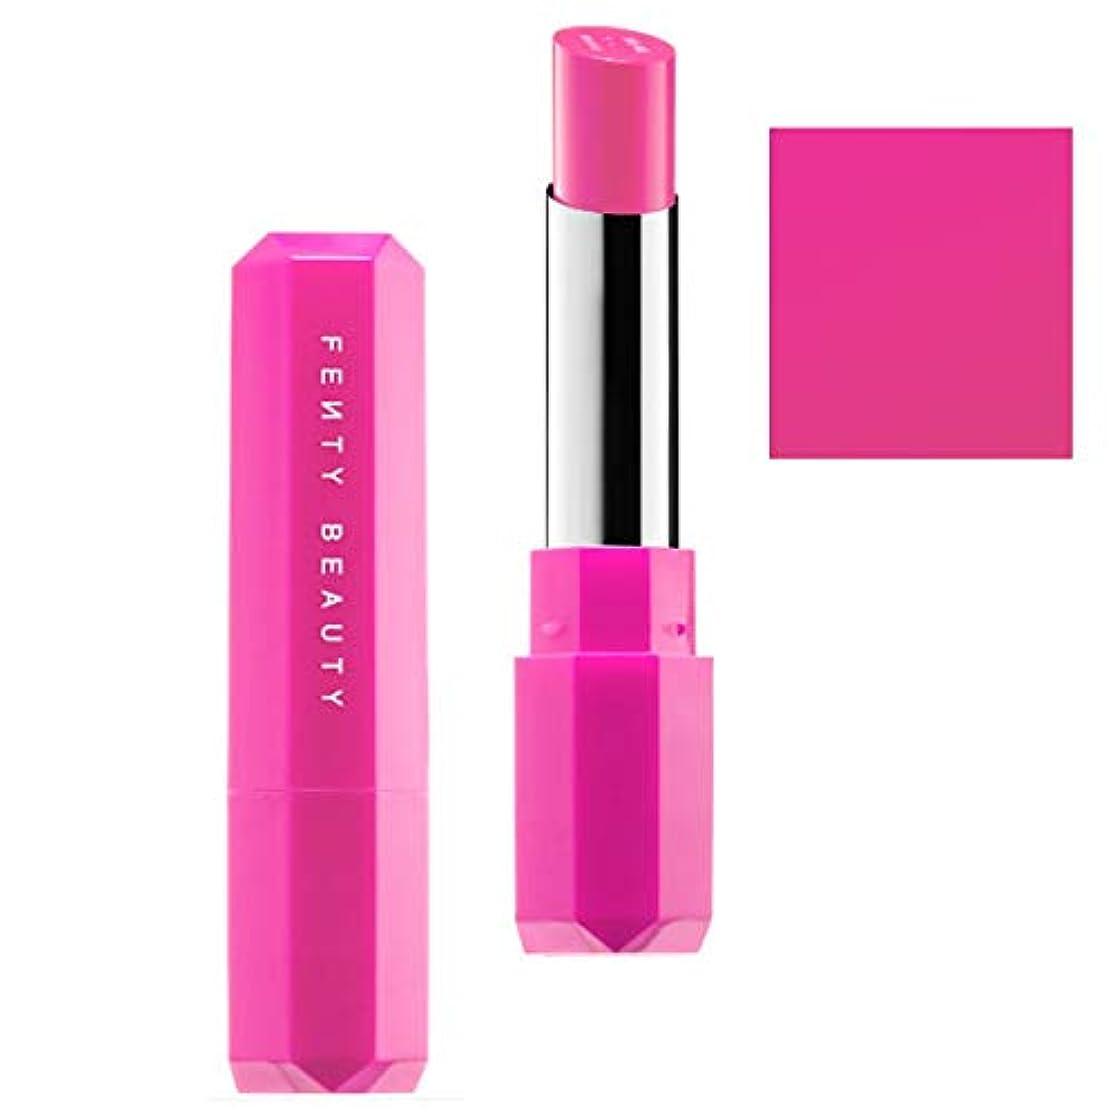 返済模索ありがたいFENTY BEAUTY BY RIHANNA,New!!, 限定版 limited-edition, Poutsicle Juicy Satin Lipstick - Alpha Doll [海外直送品] [並行輸入品]